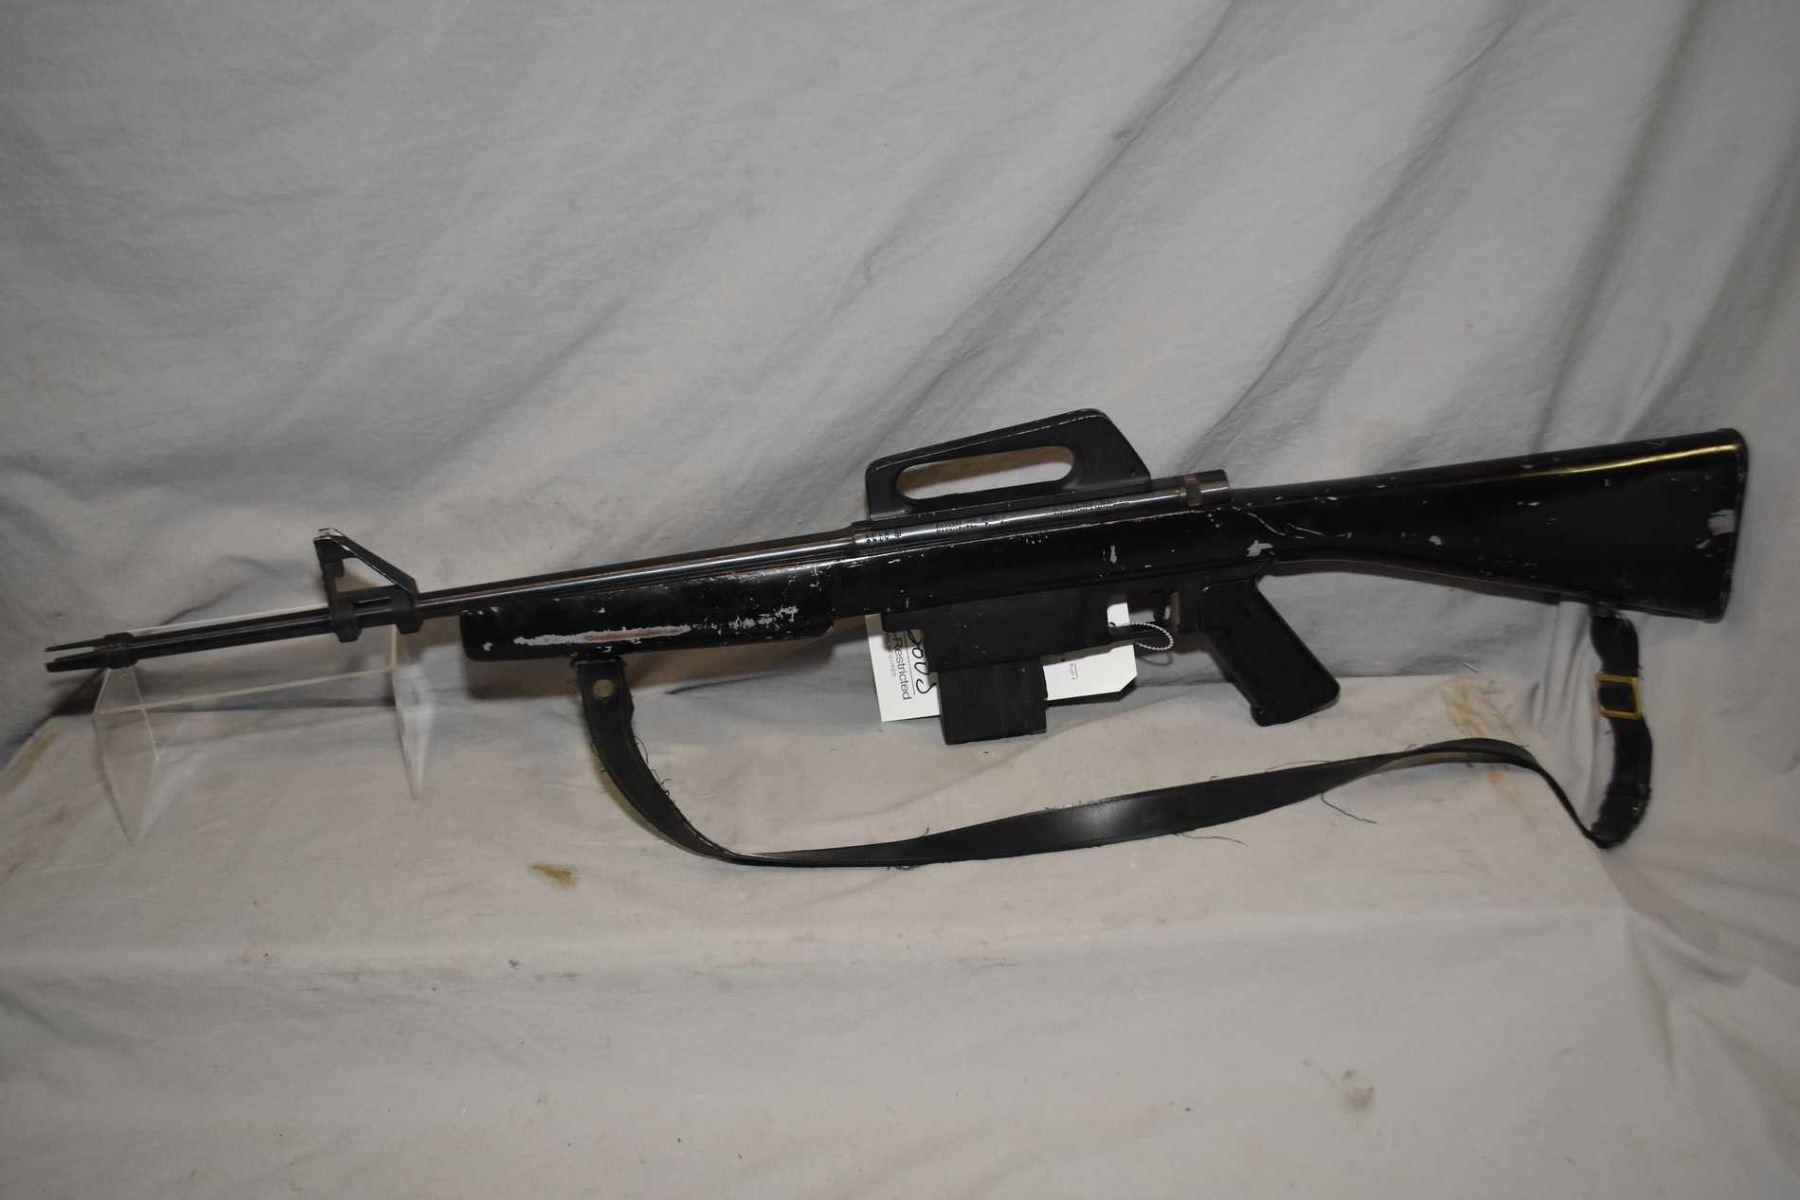 Kassnar Model 116 Mk 1  22 LR Cal Mag Fed Semi Auto Rifle w